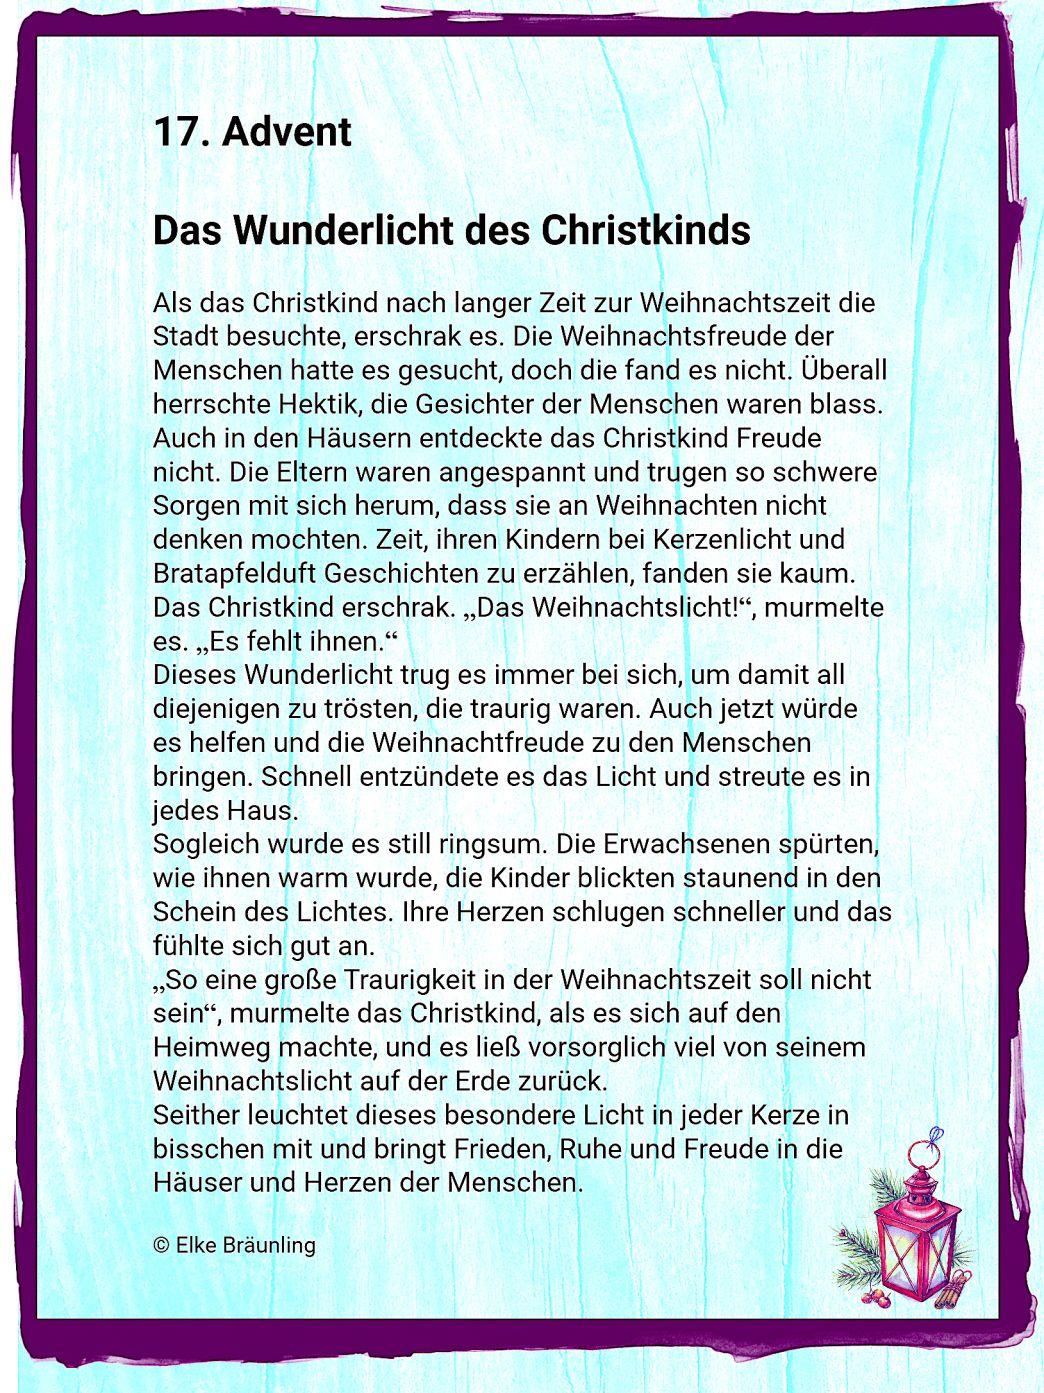 Das Wunderlicht des Christkinds - 17. Advent | Winterzeit